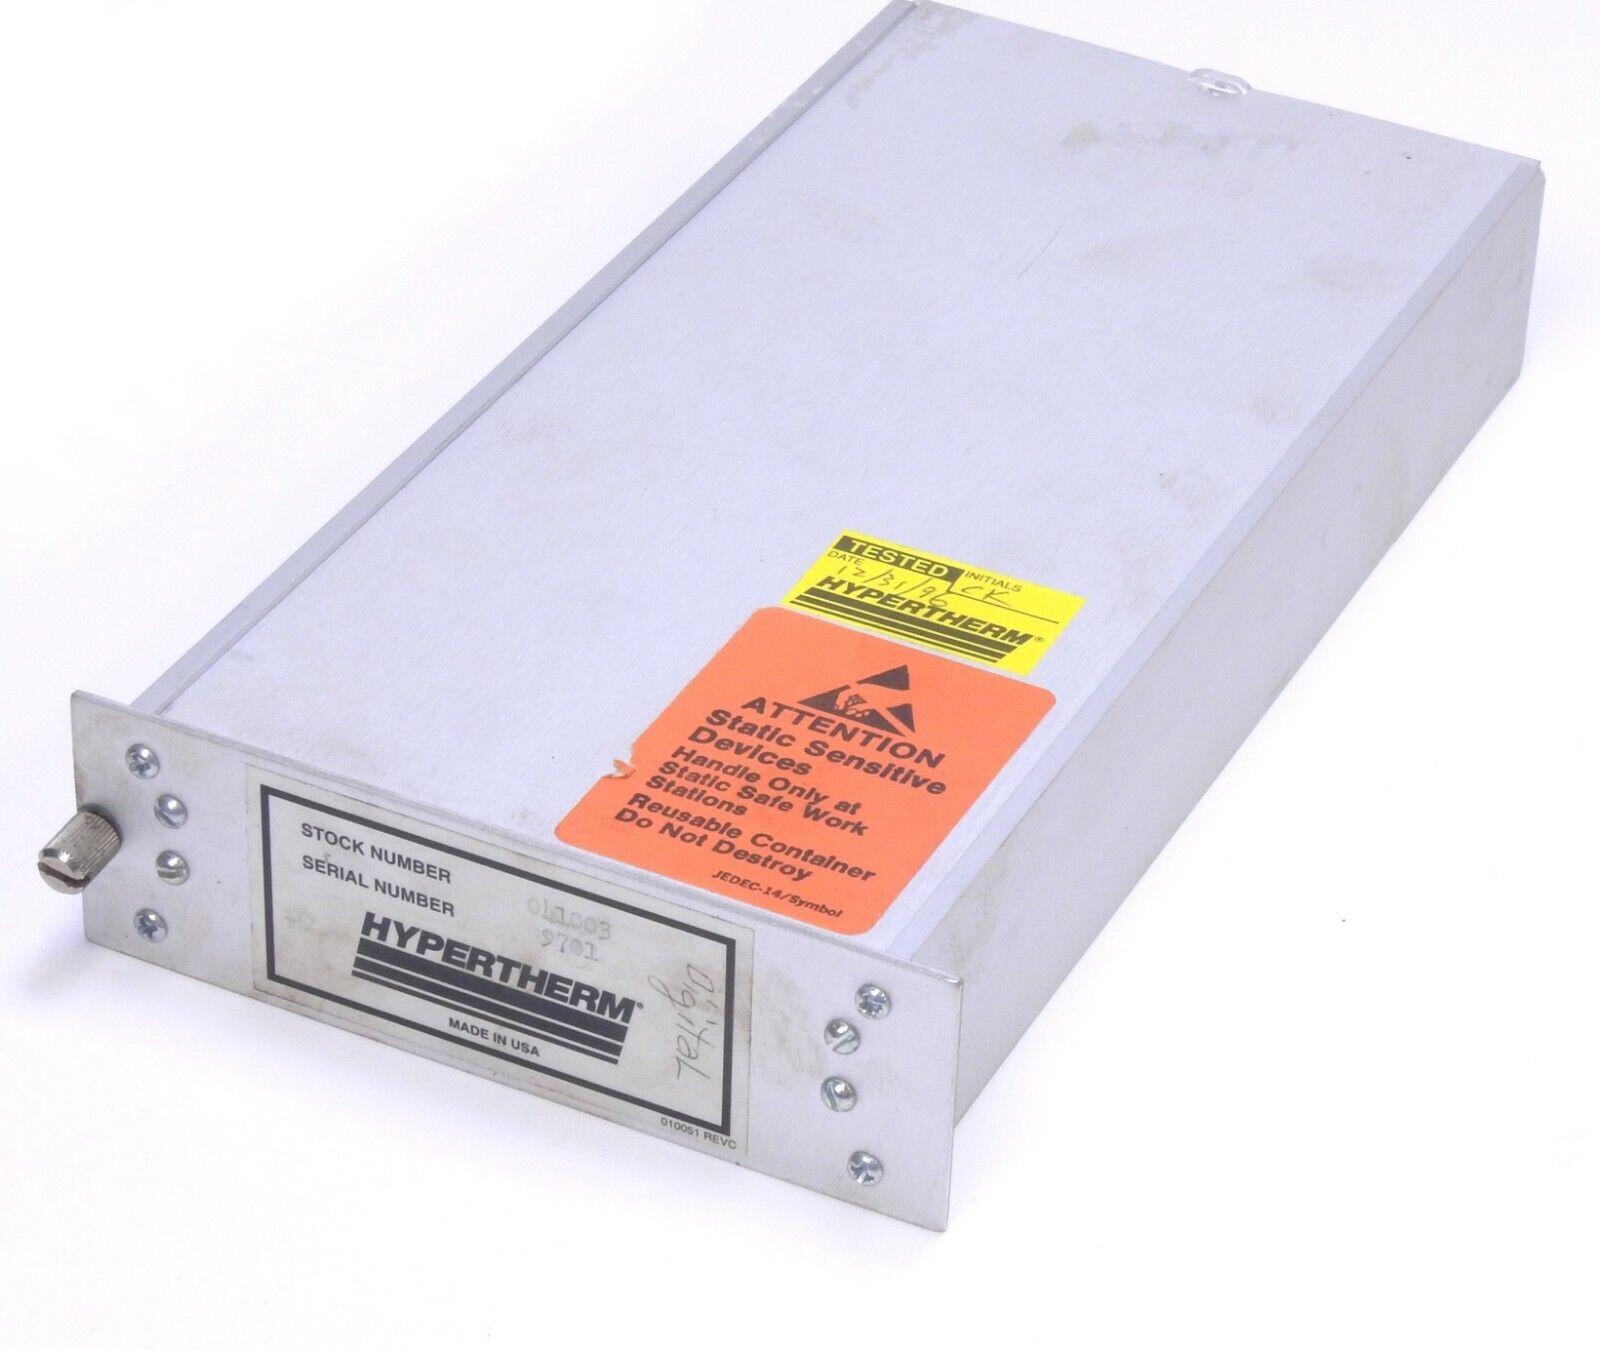 Hypertherm PCB Assembly 041003